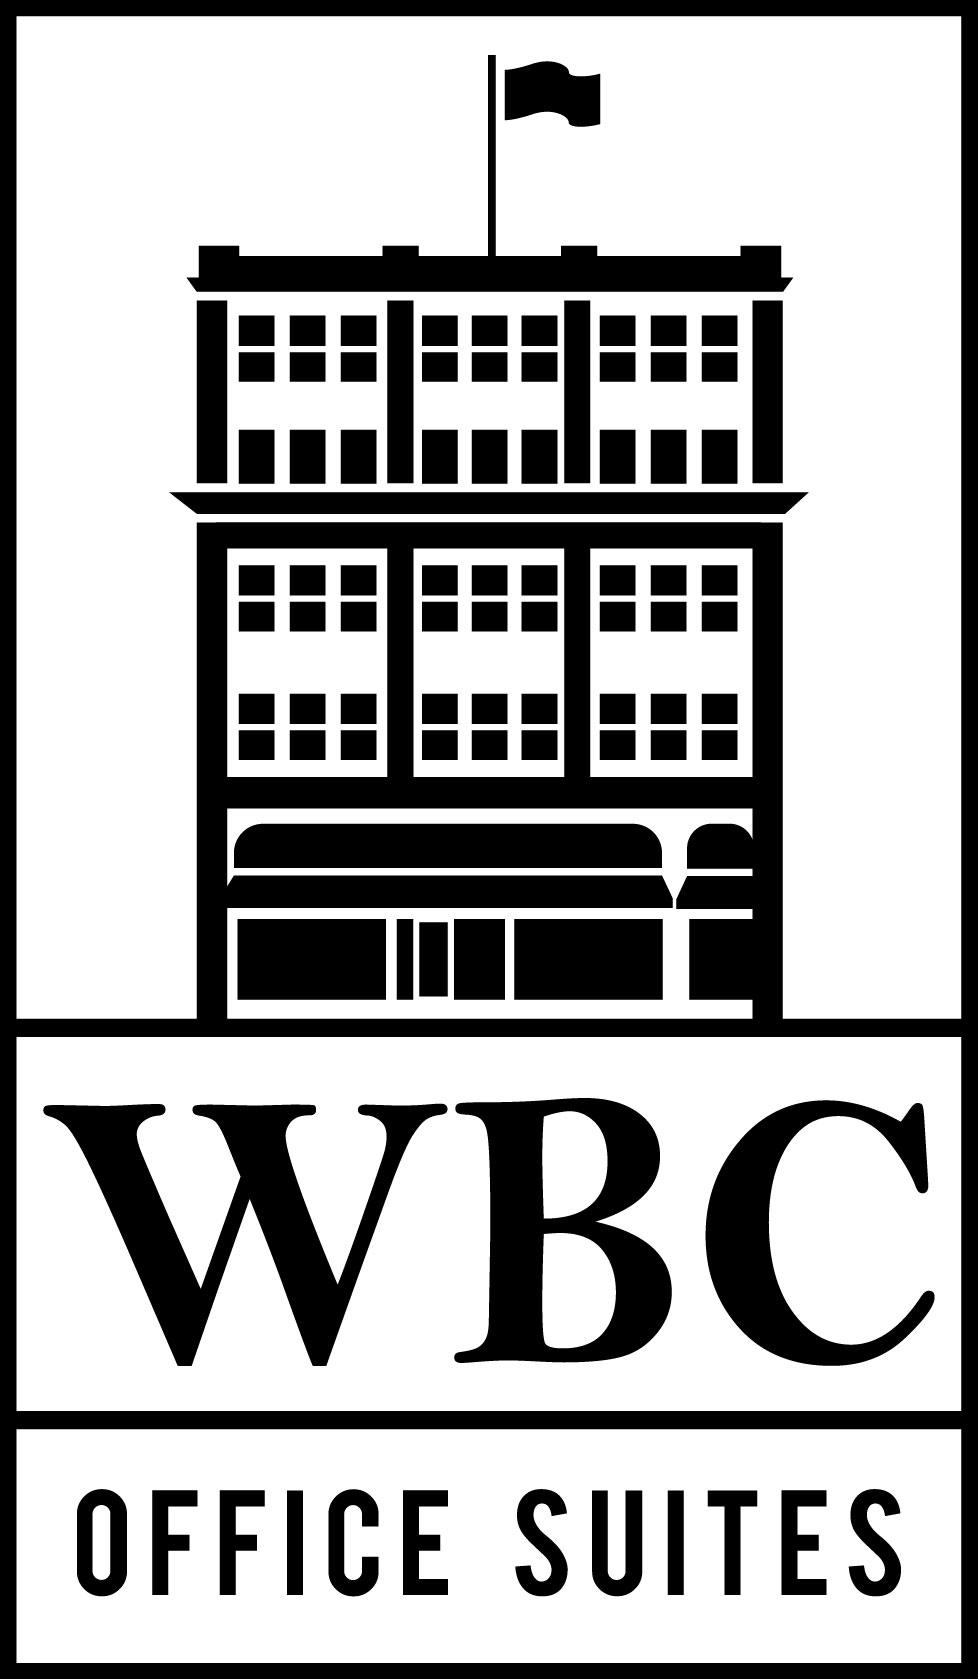 WBC Office Suites